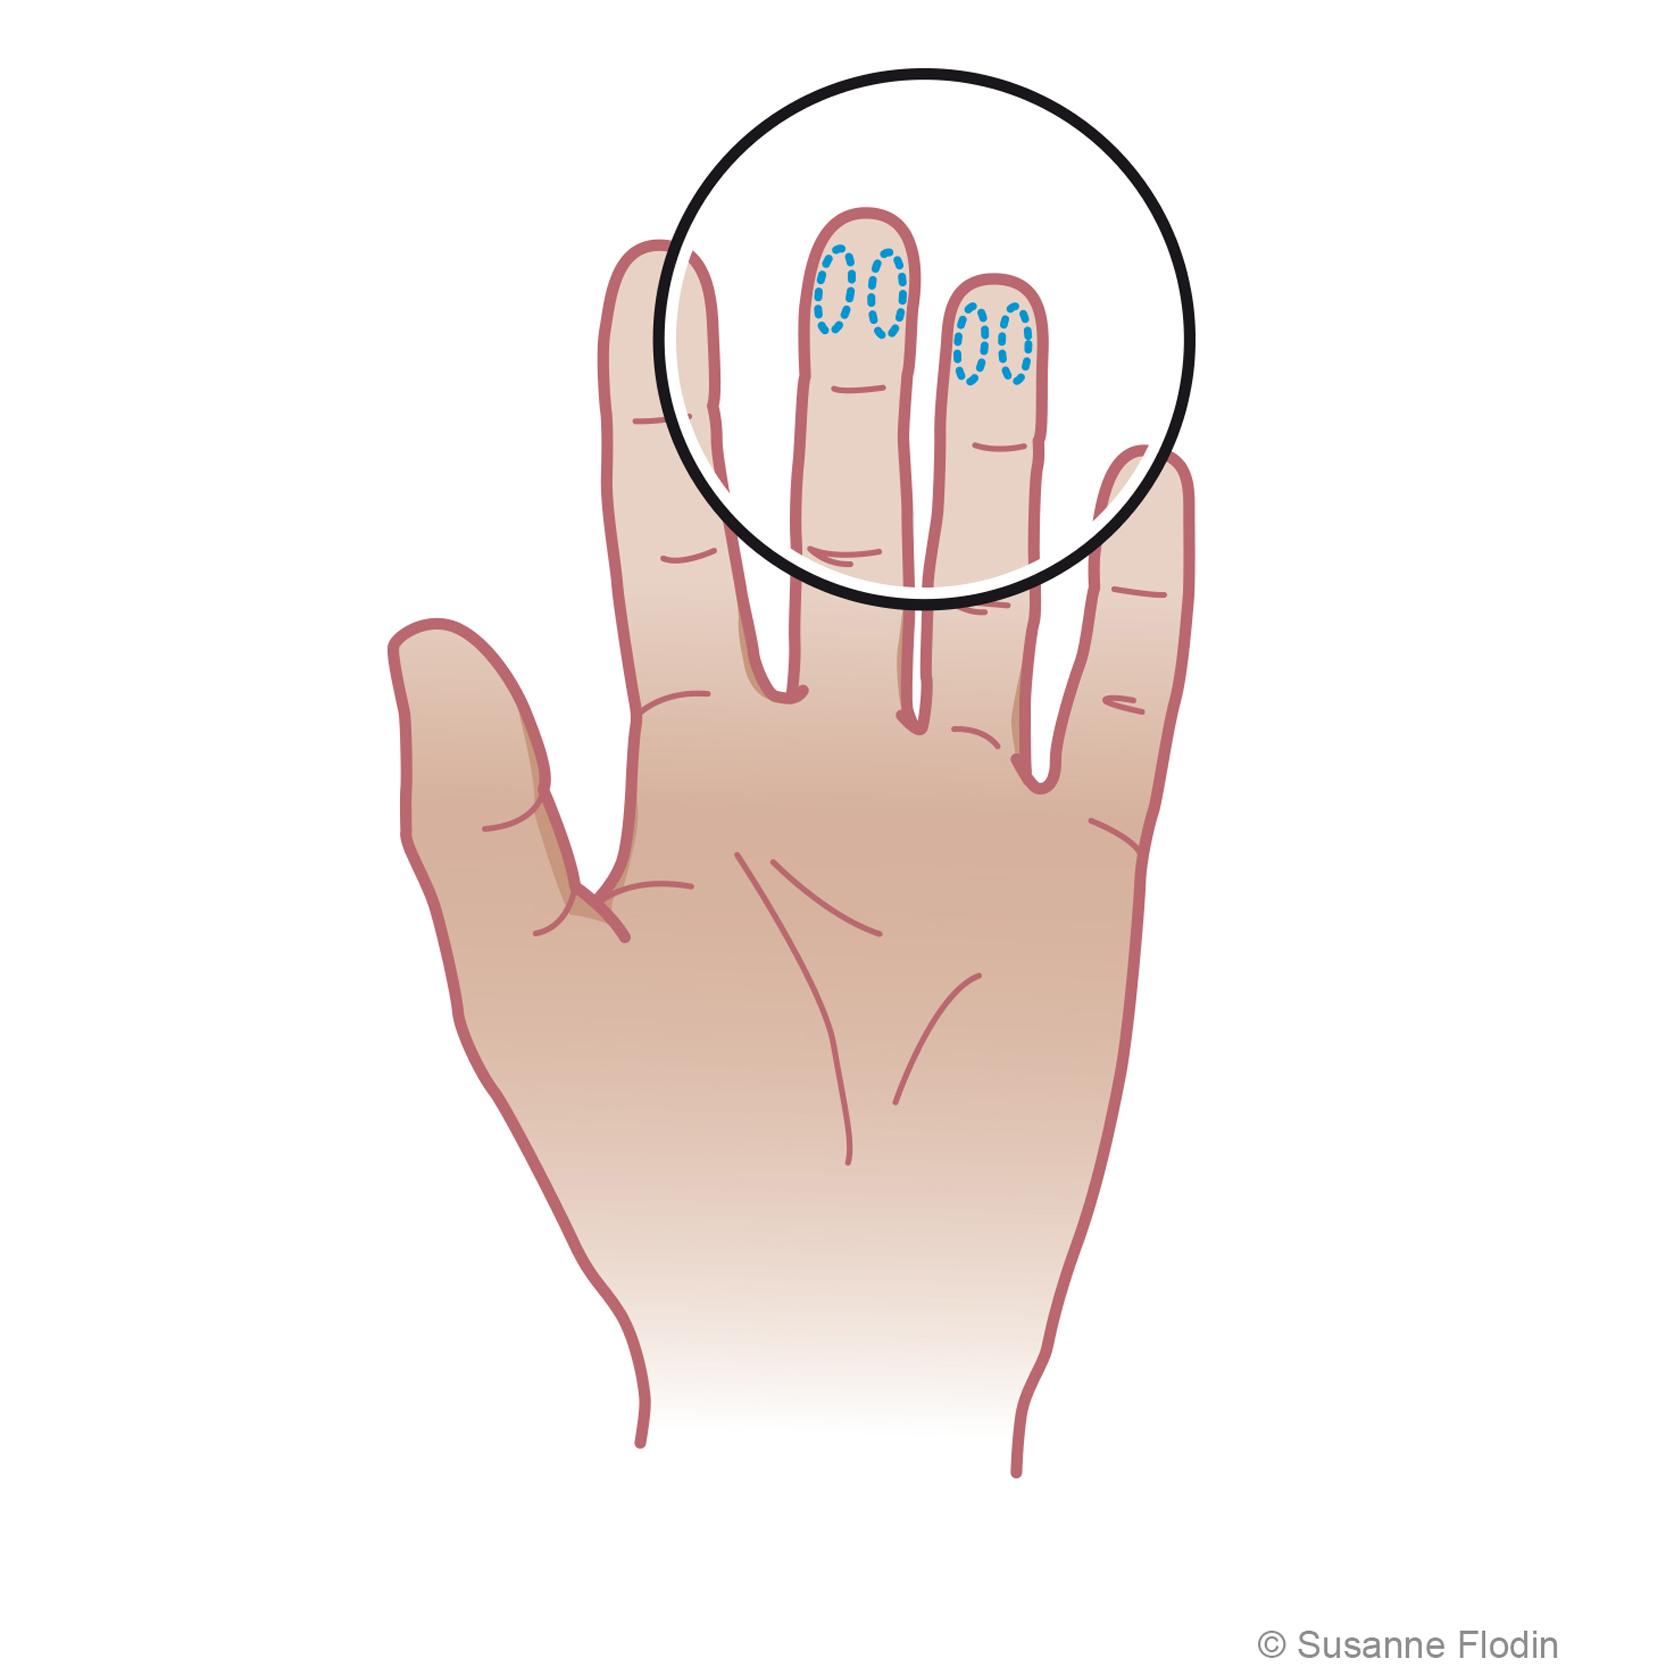 blodprov i fingret